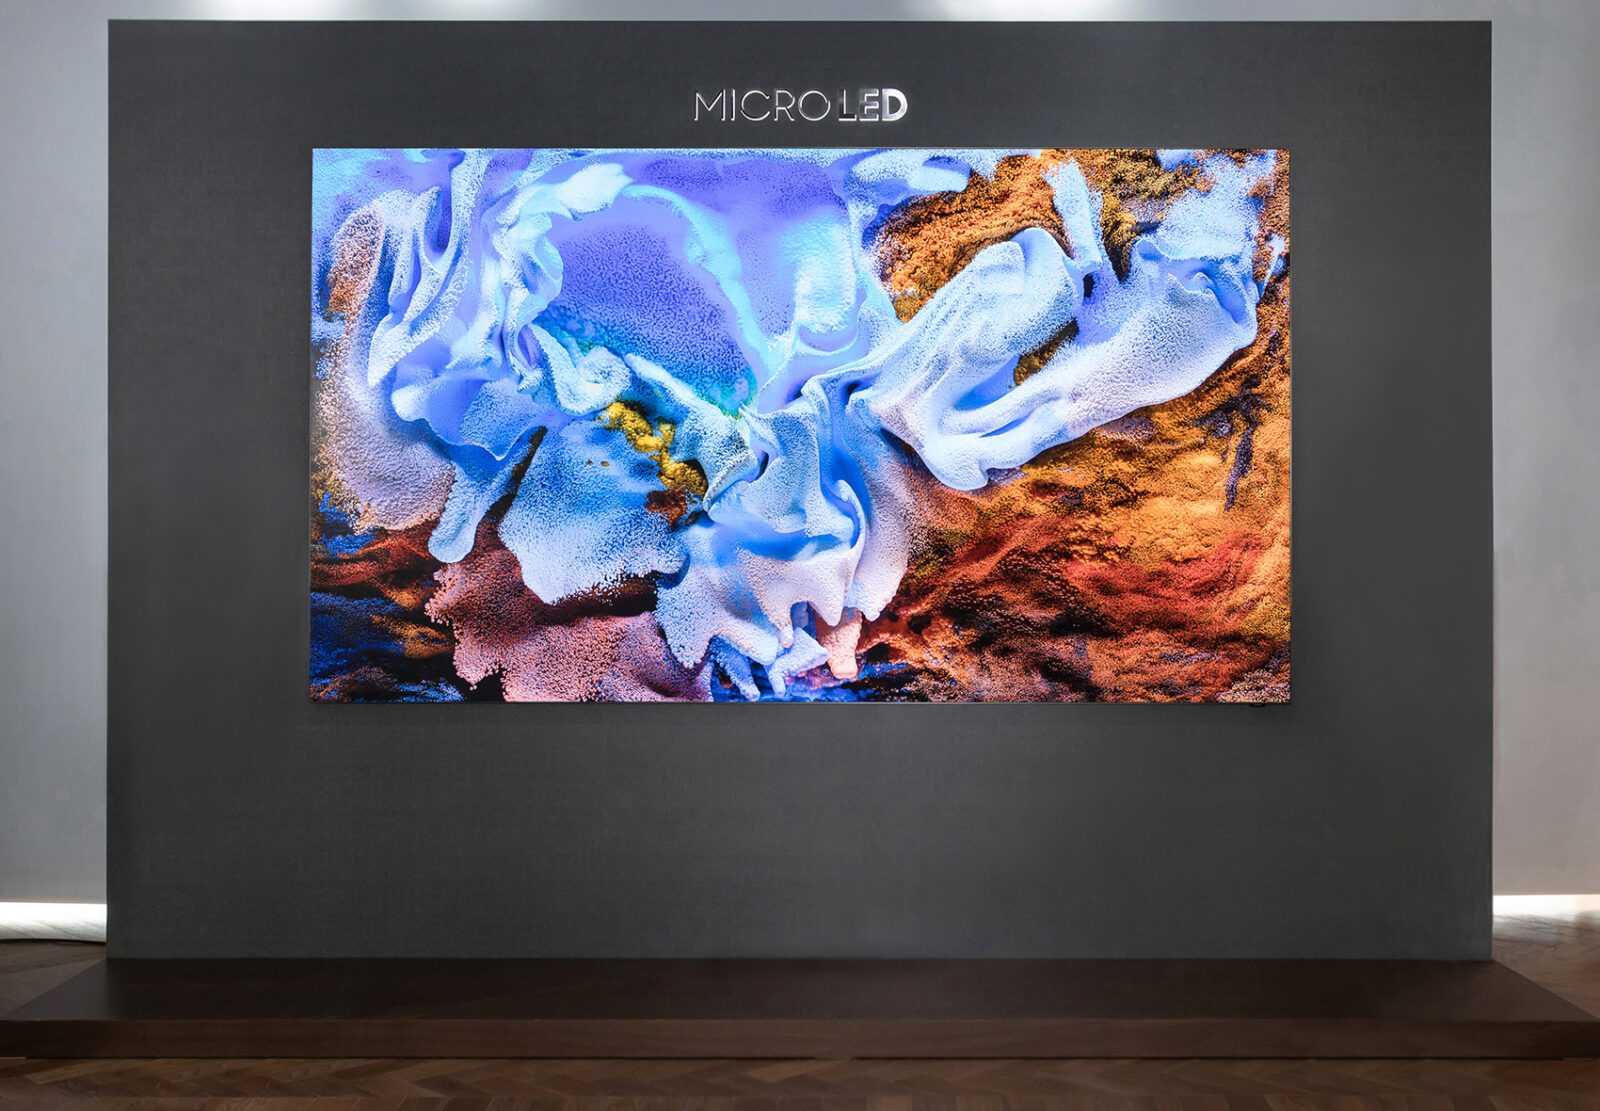 Компания Samsung представила новые телевизоры Neo QLED и Micro LED, и рассказала про технологии (samsung microled dl1 1)